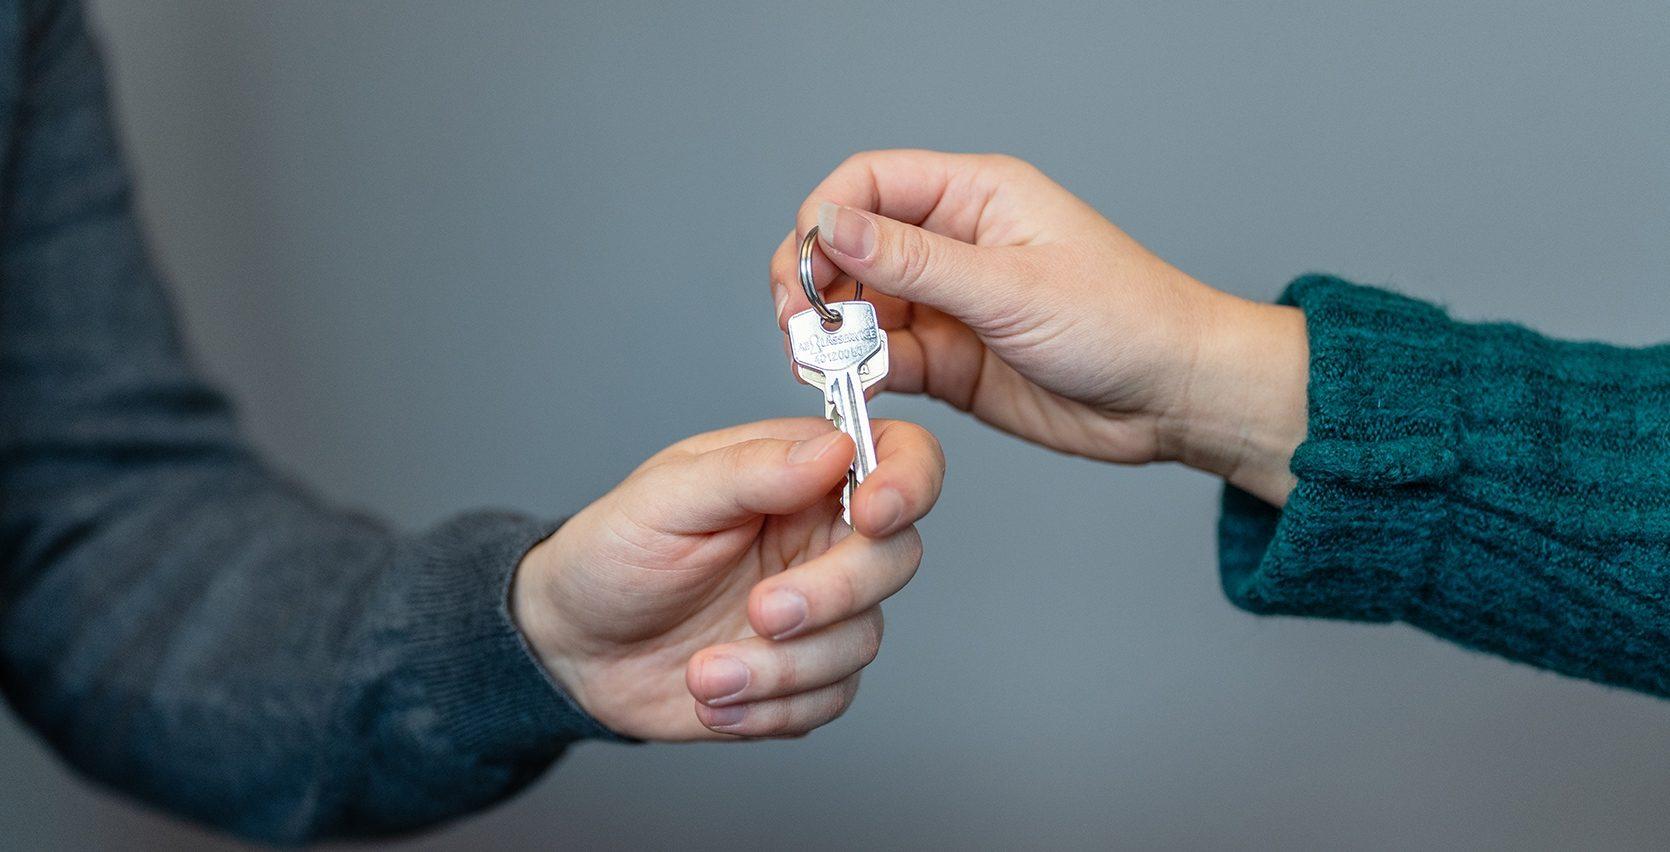 To hender som holder i en nøkkel